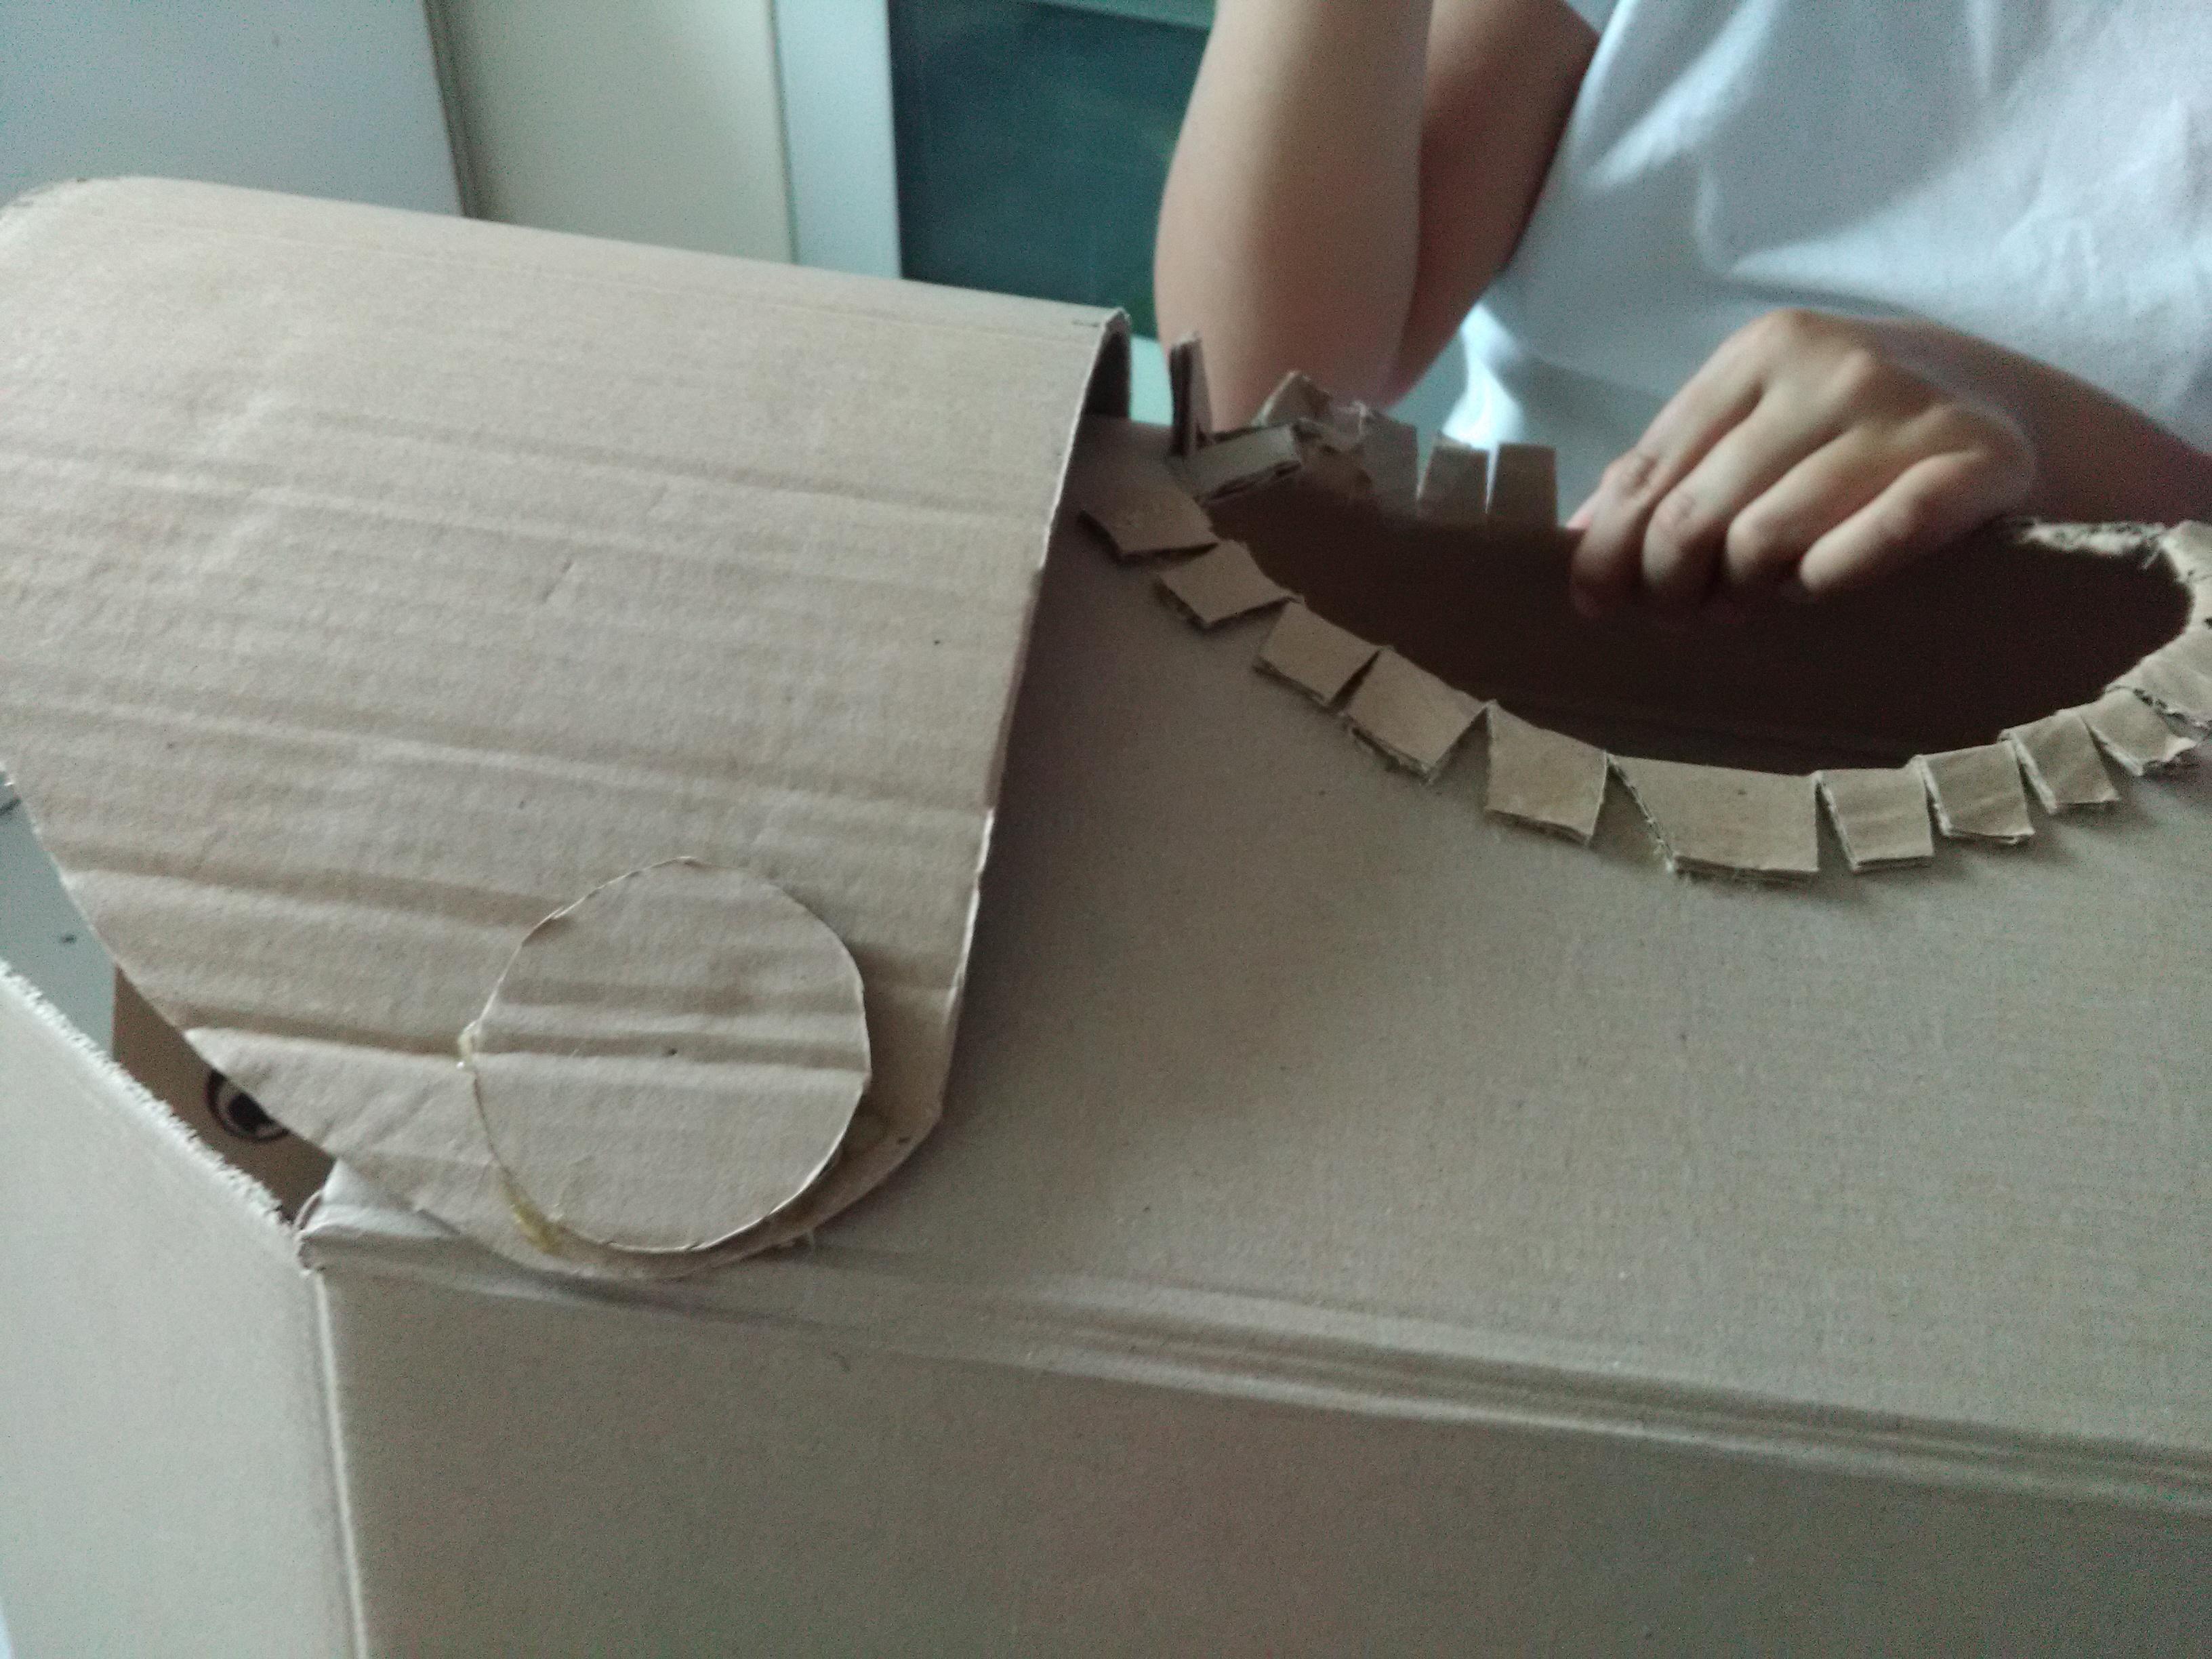 Partie 2 faire une armure en carton de chevalier teutonique pour un d guisement d 39 enfant - Fabriquer une cloche en carton ...